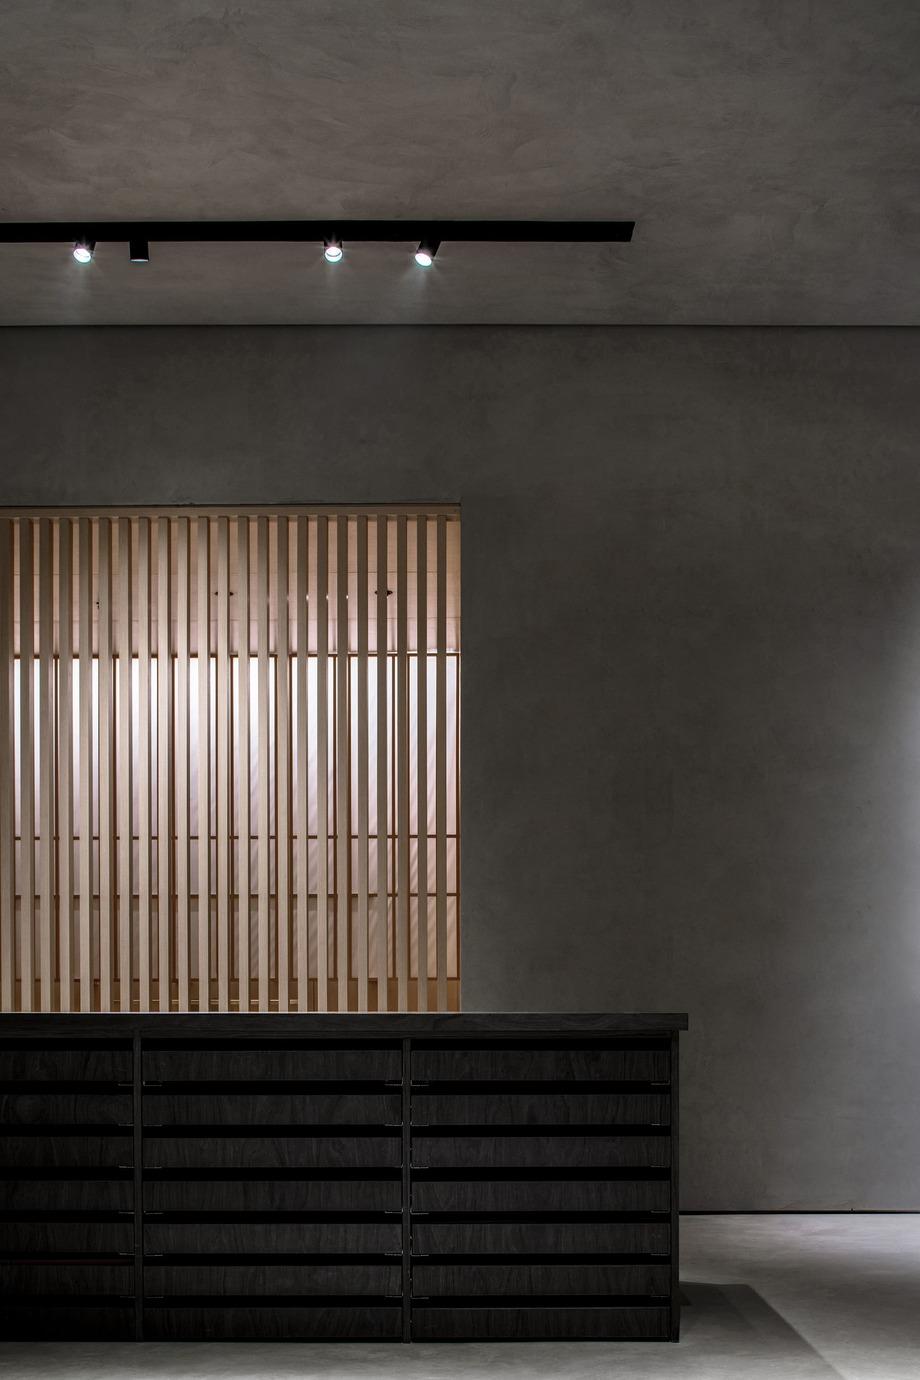 showroom de jst architecture (23) - foto he chuan